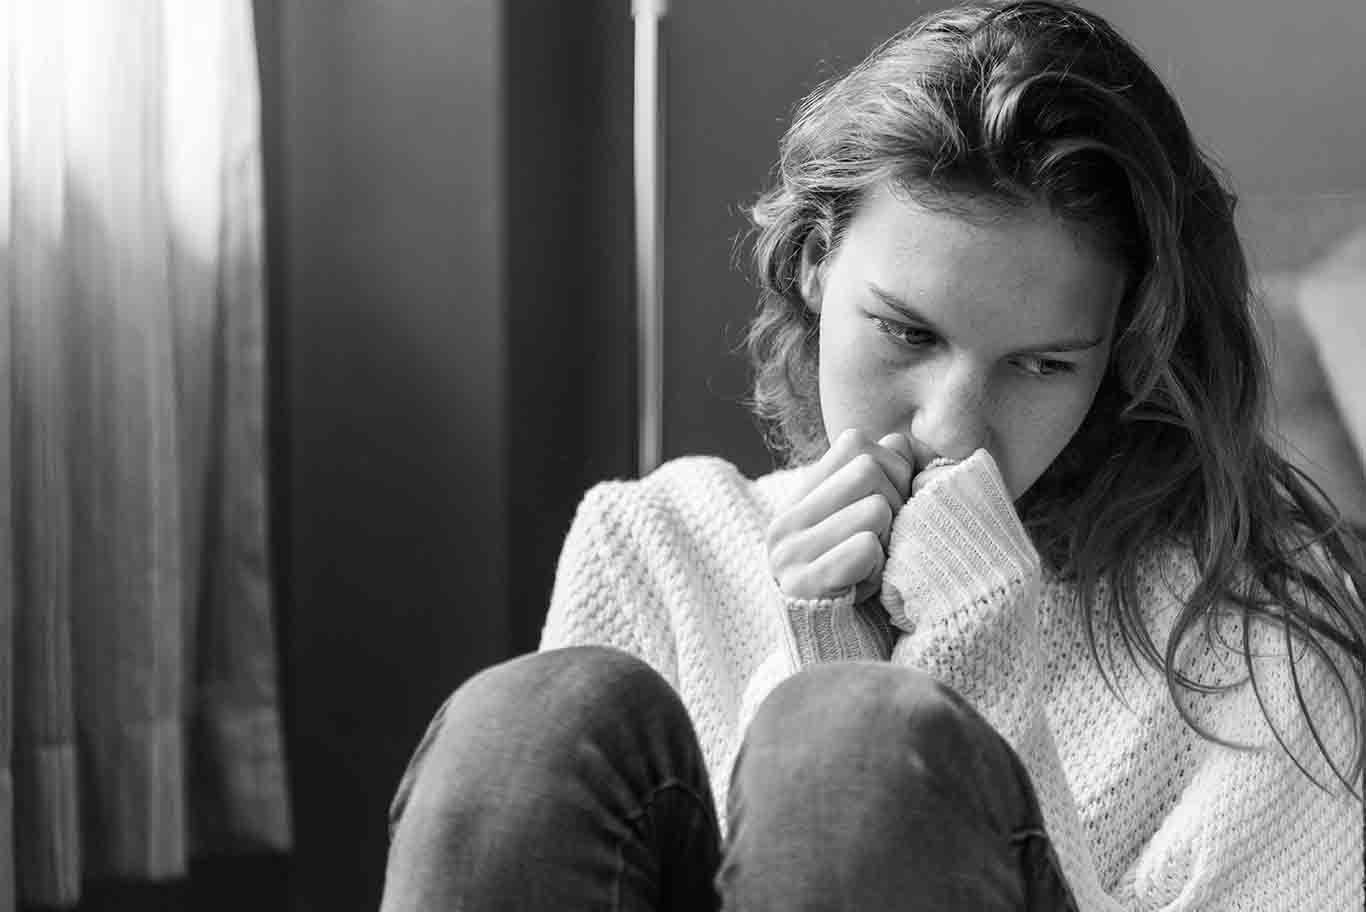 Patut Dicontoh, 7 Kebiasaan yang Nggak Pernah Dilakukan Orang Sukses